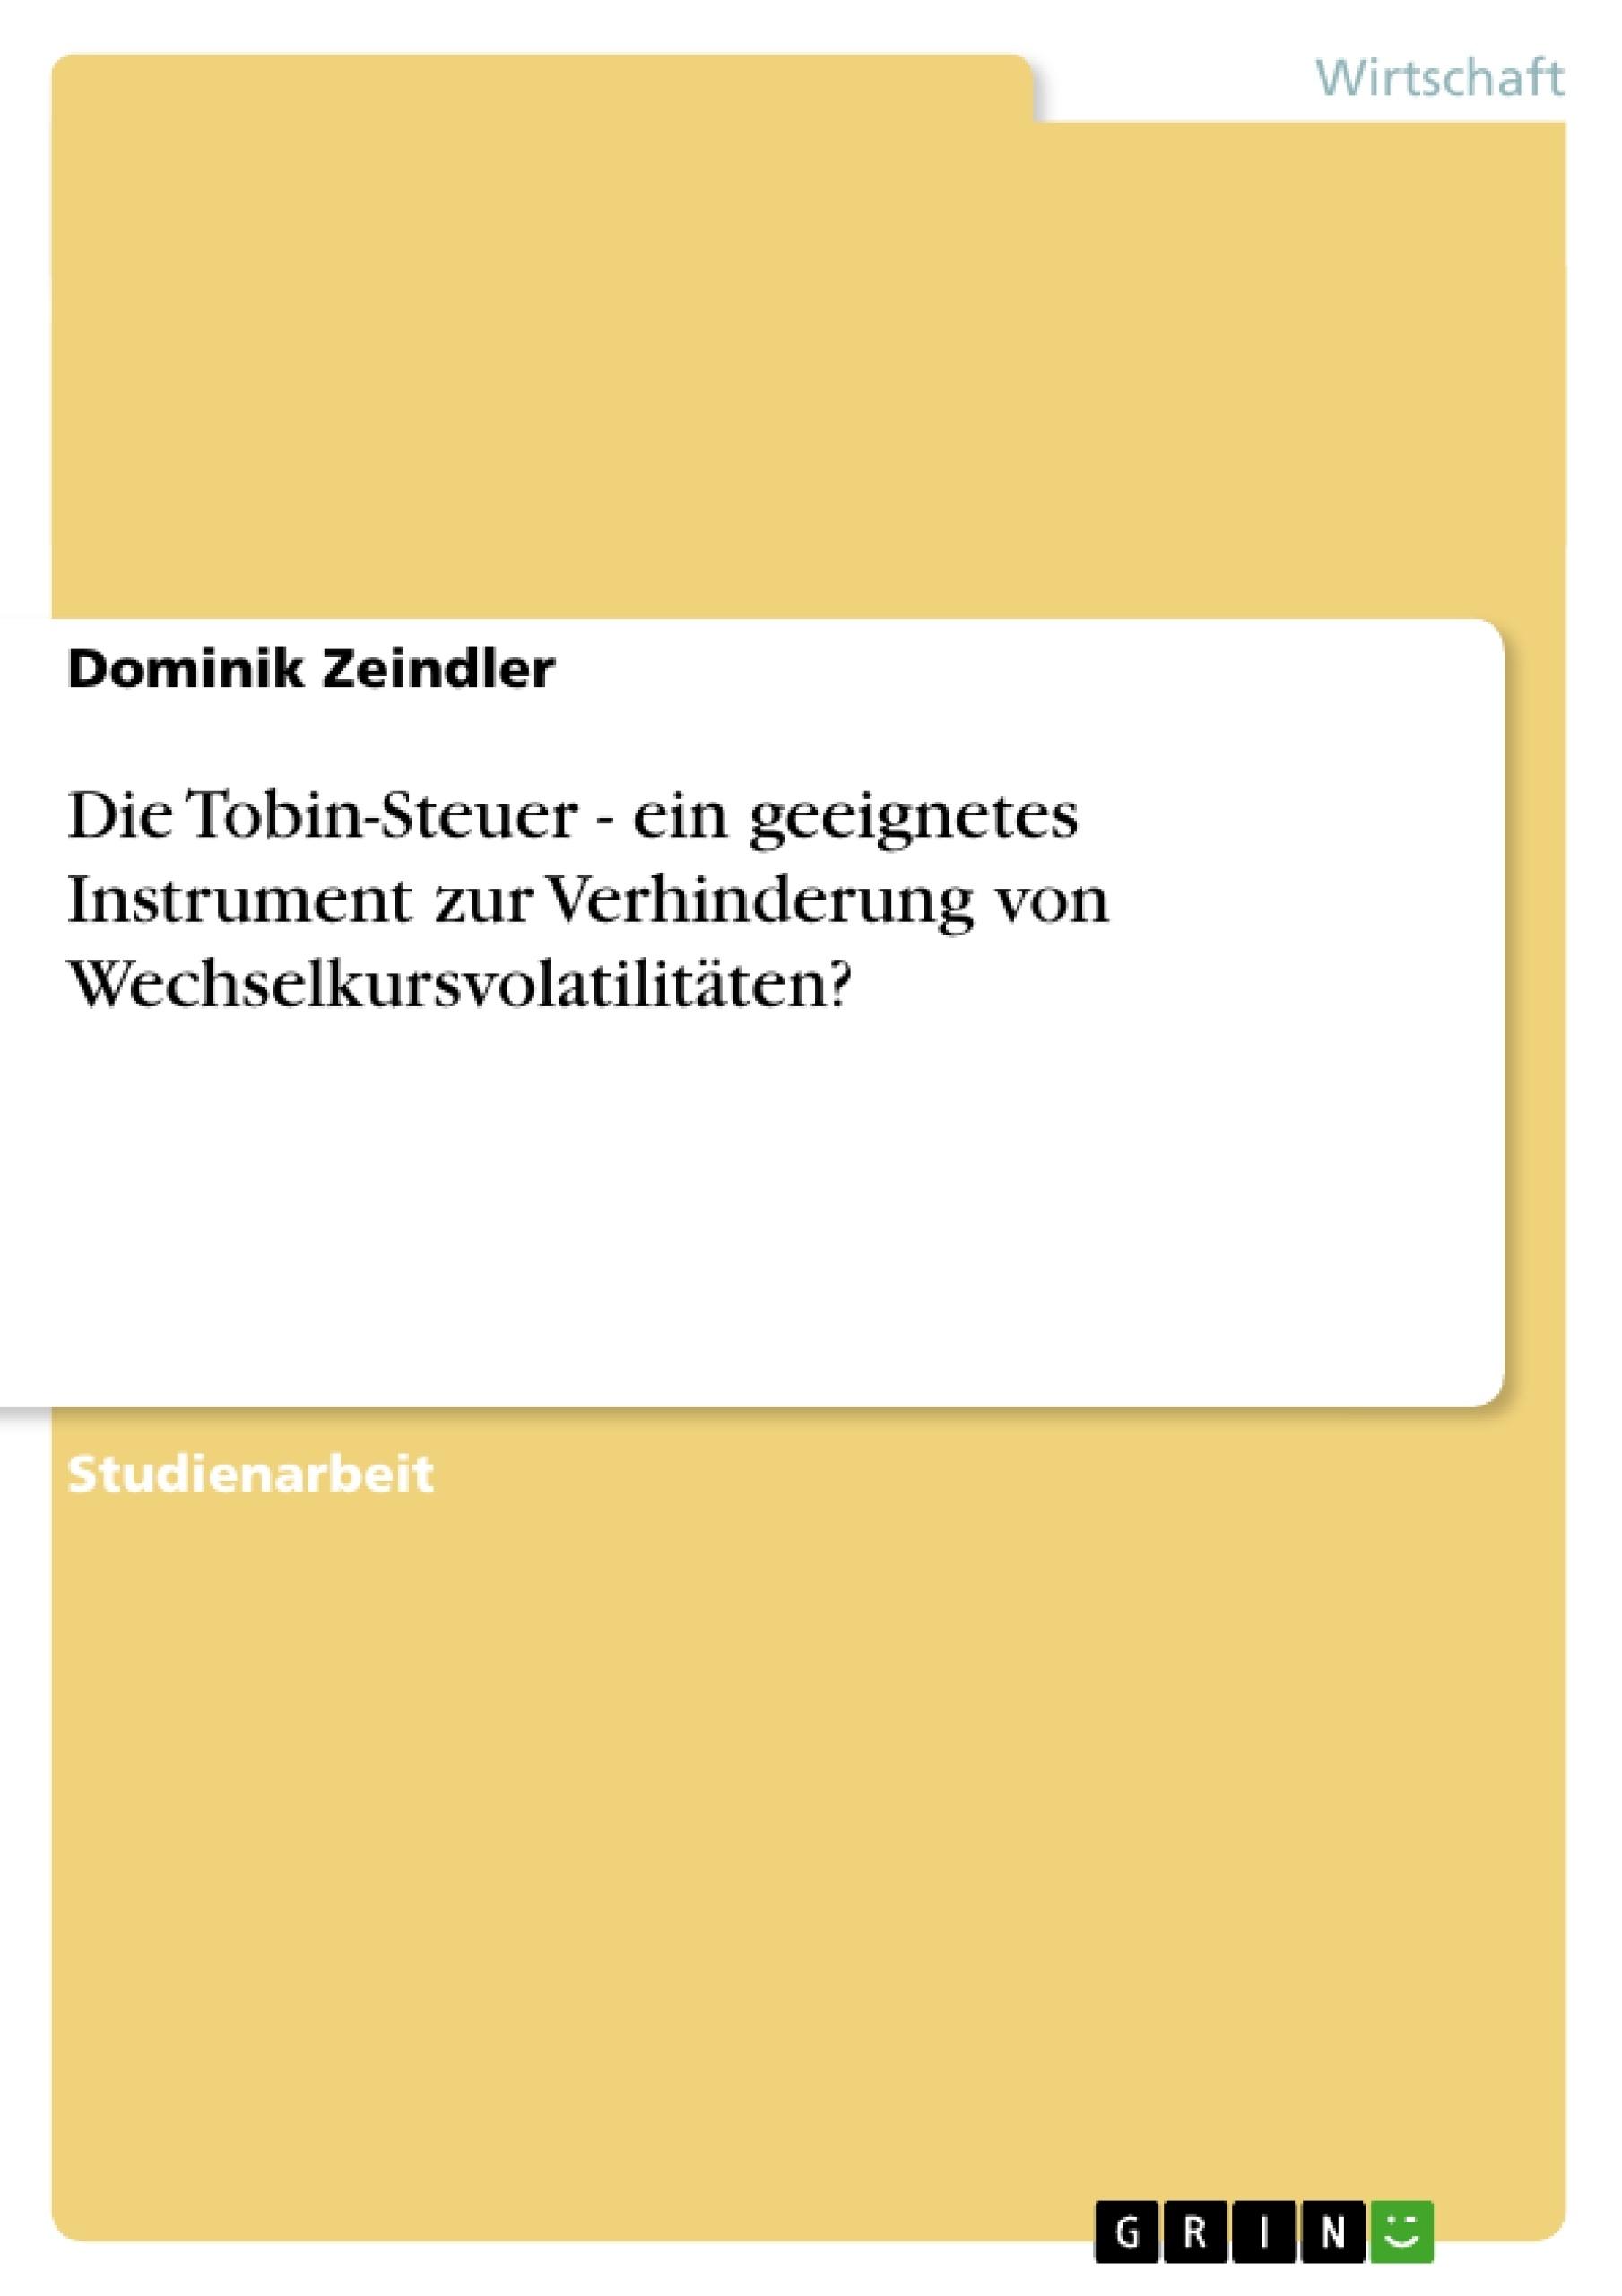 Titel: Die Tobin-Steuer - ein geeignetes Instrument zur Verhinderung von Wechselkursvolatilitäten?